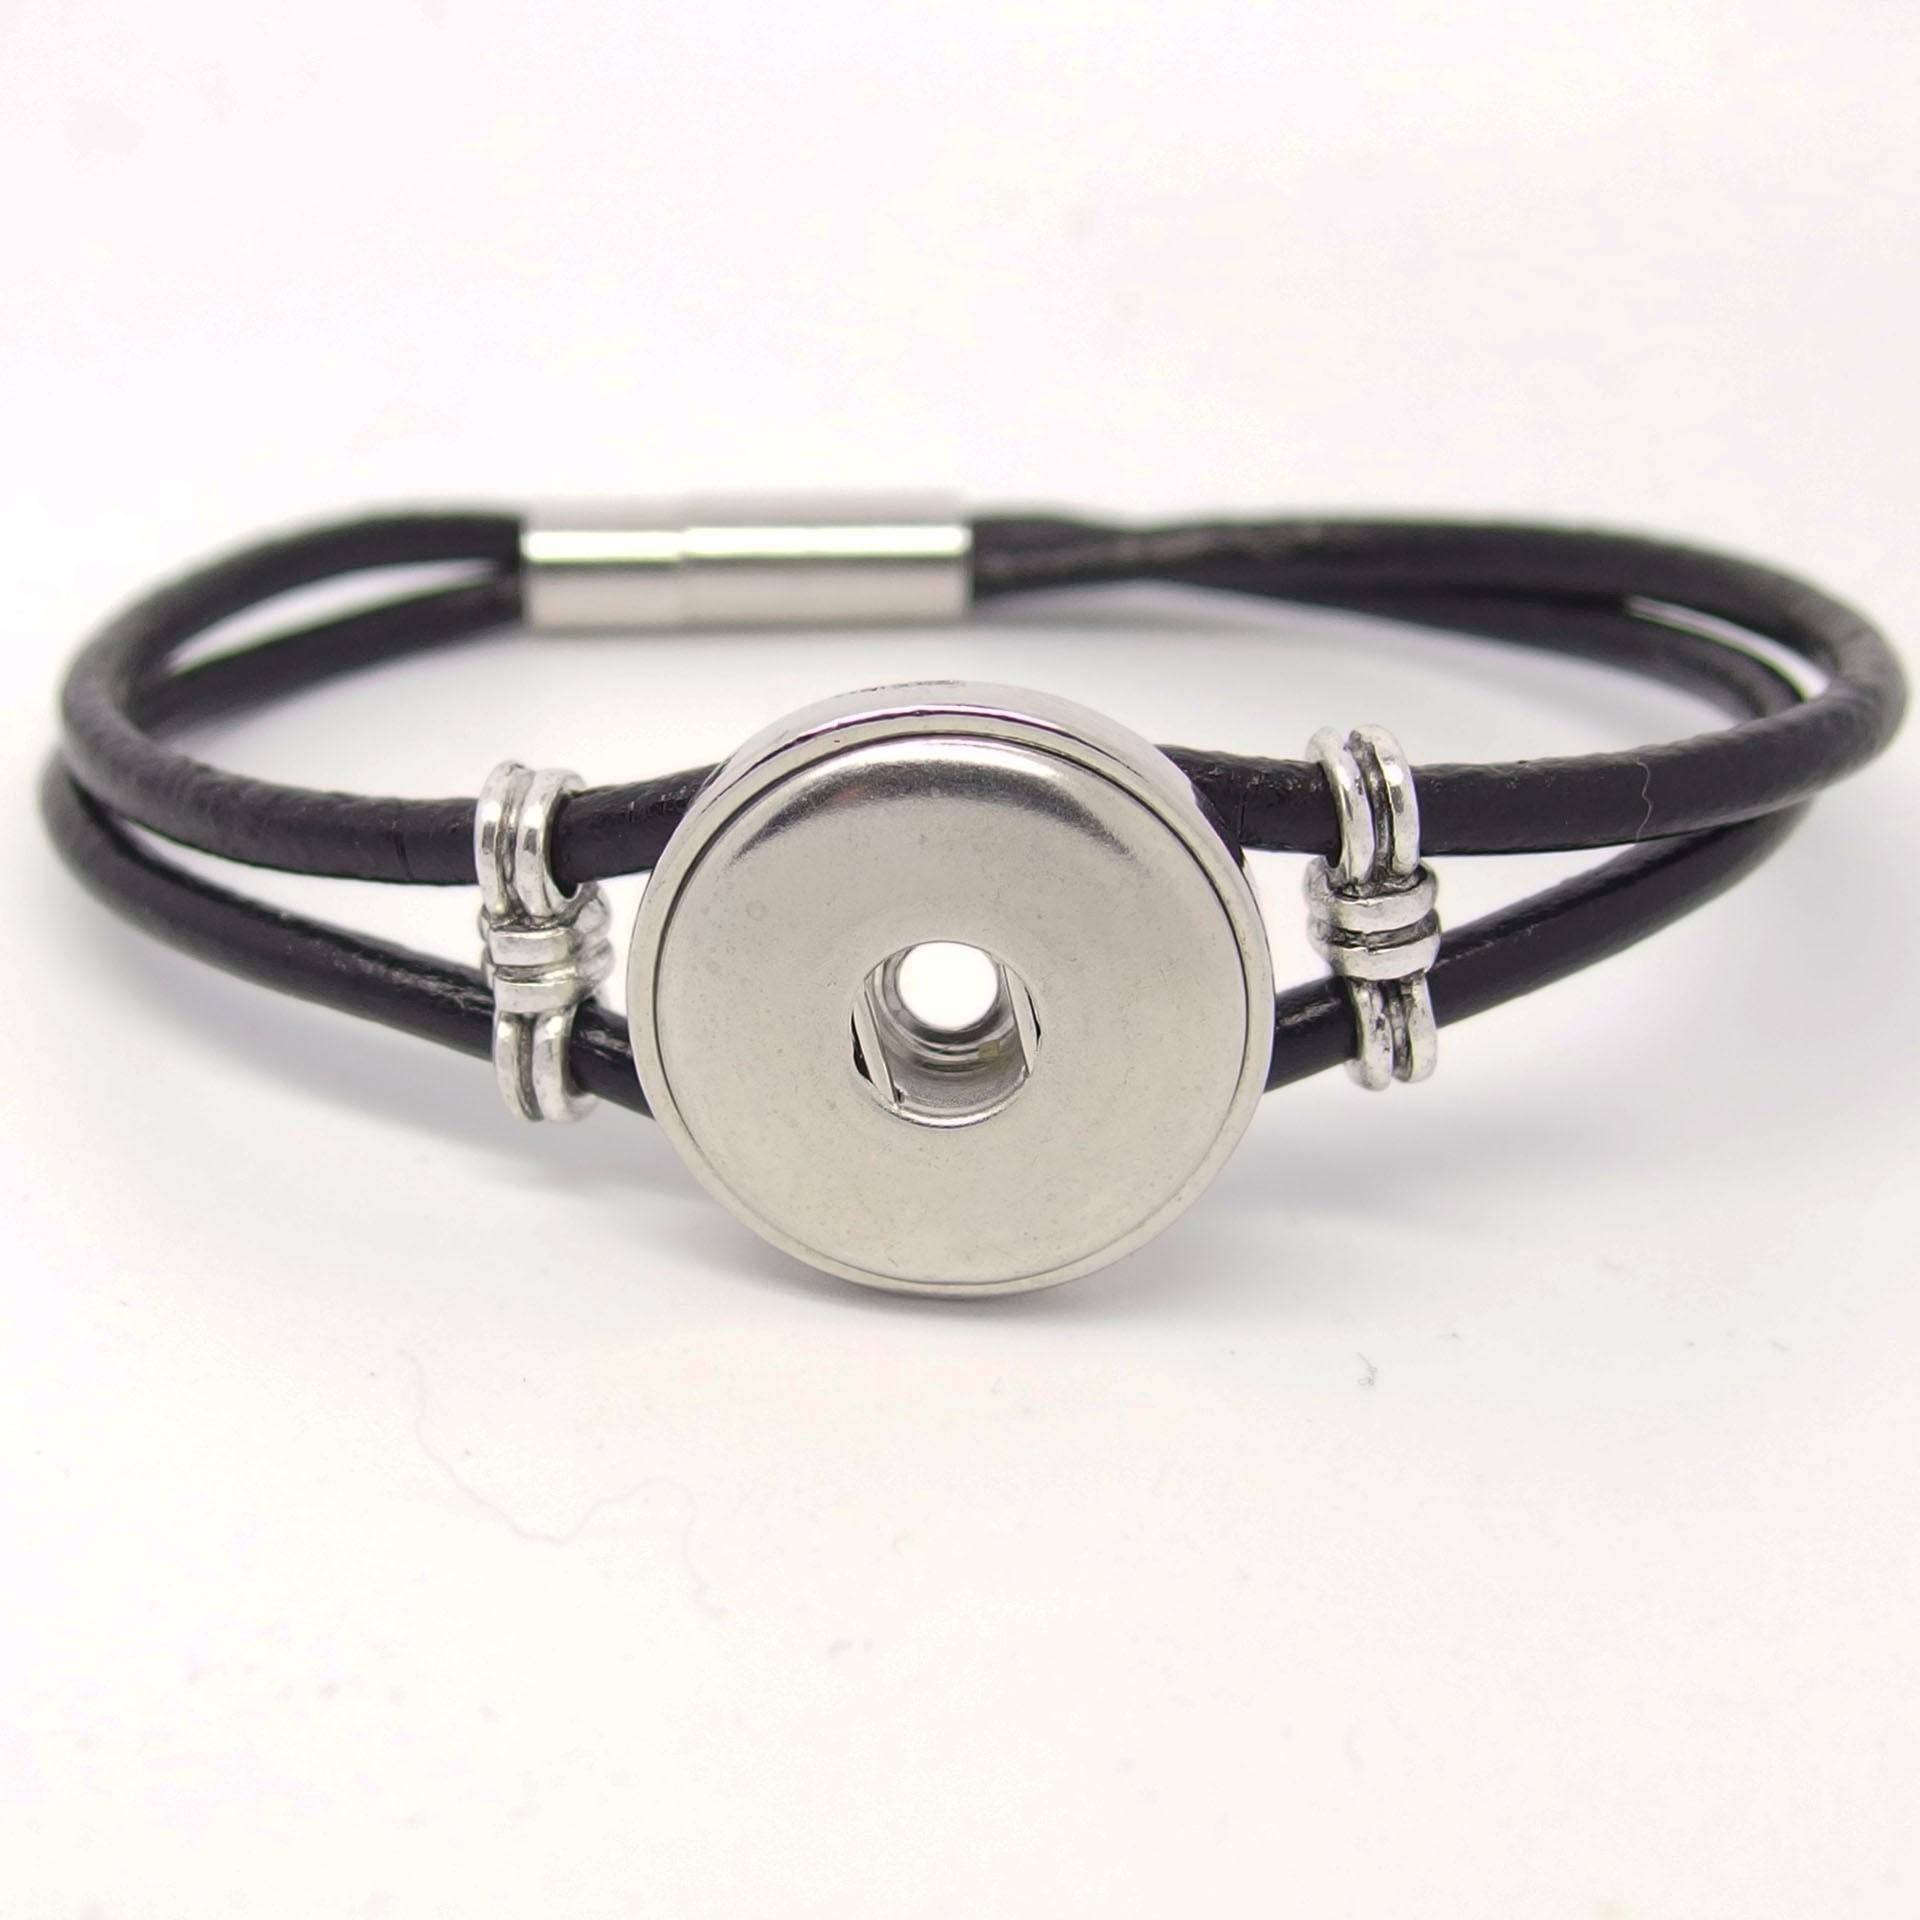 CHA006 -Echt Leder Armbänder für 1 Schmuck Druckknopf schwarz